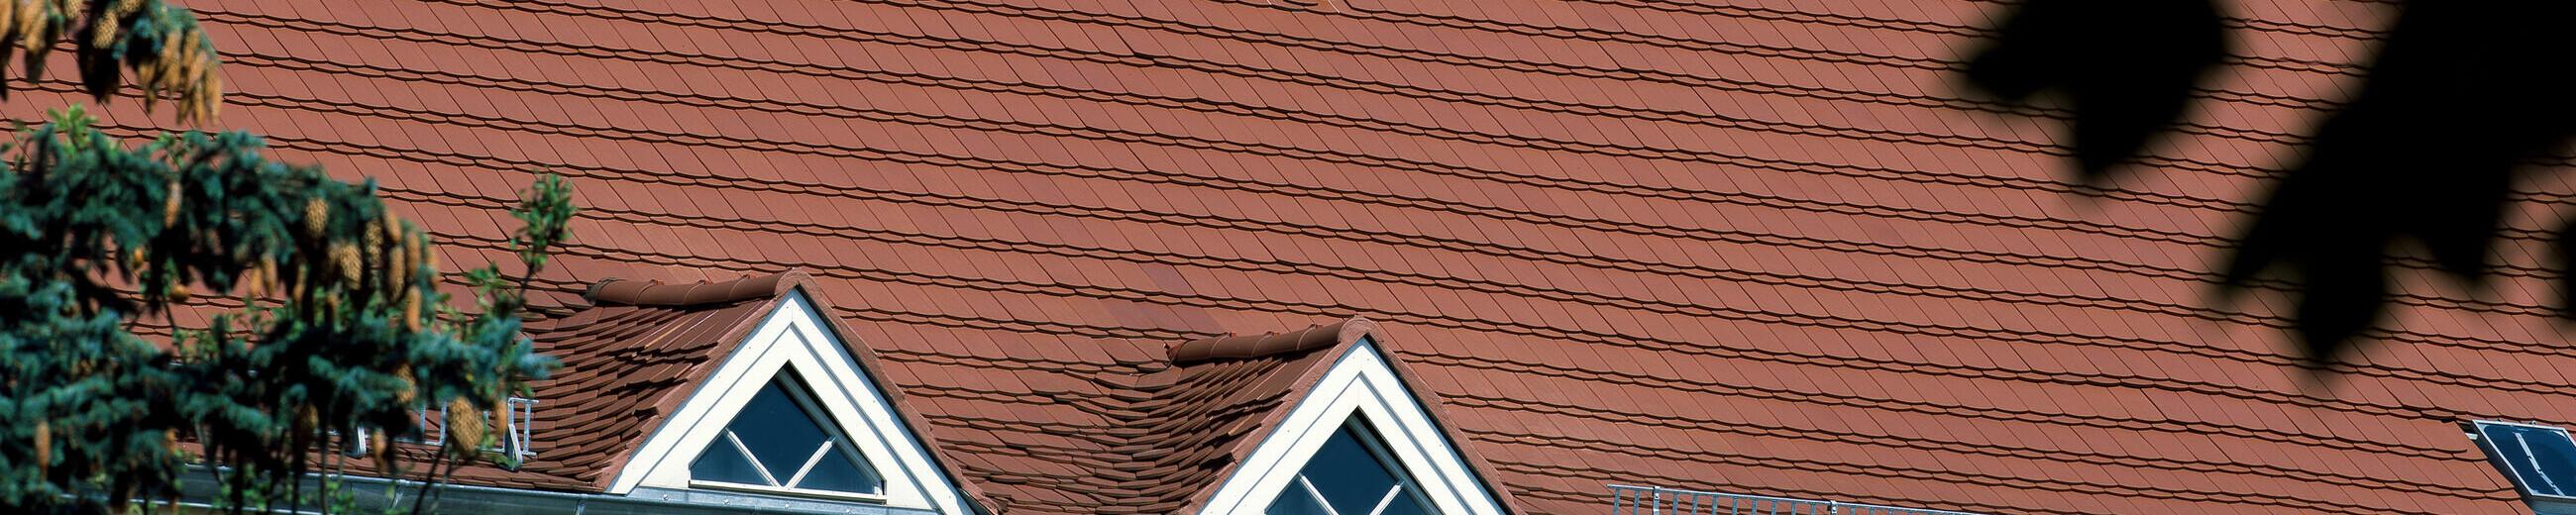 PROFIL Saxony plain tile natural red